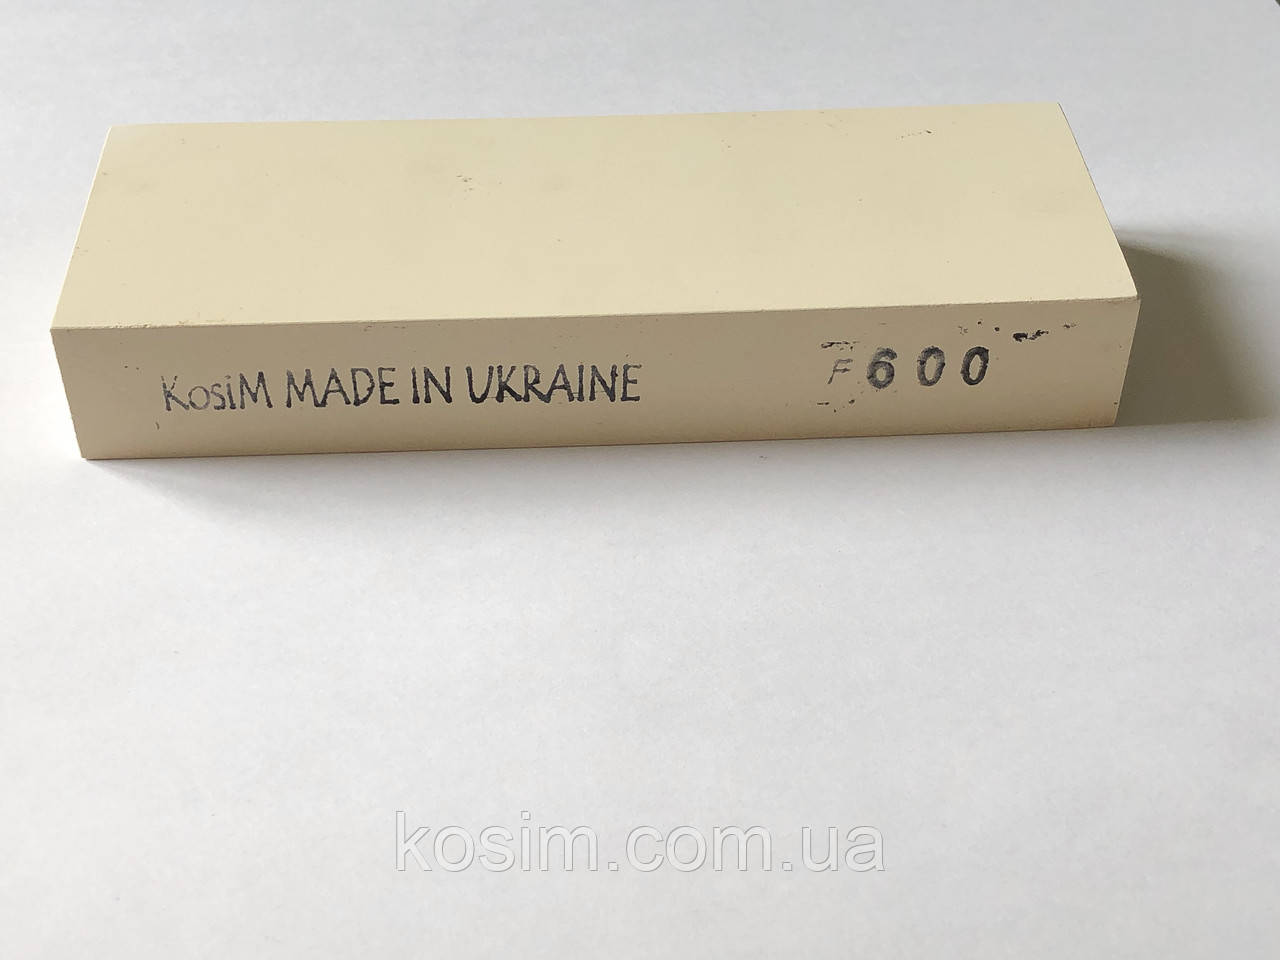 Брусок F600.  1 шт. 160*25*55 мм Точильные камни, для ручной заточки режущего инструмента. Точилка.